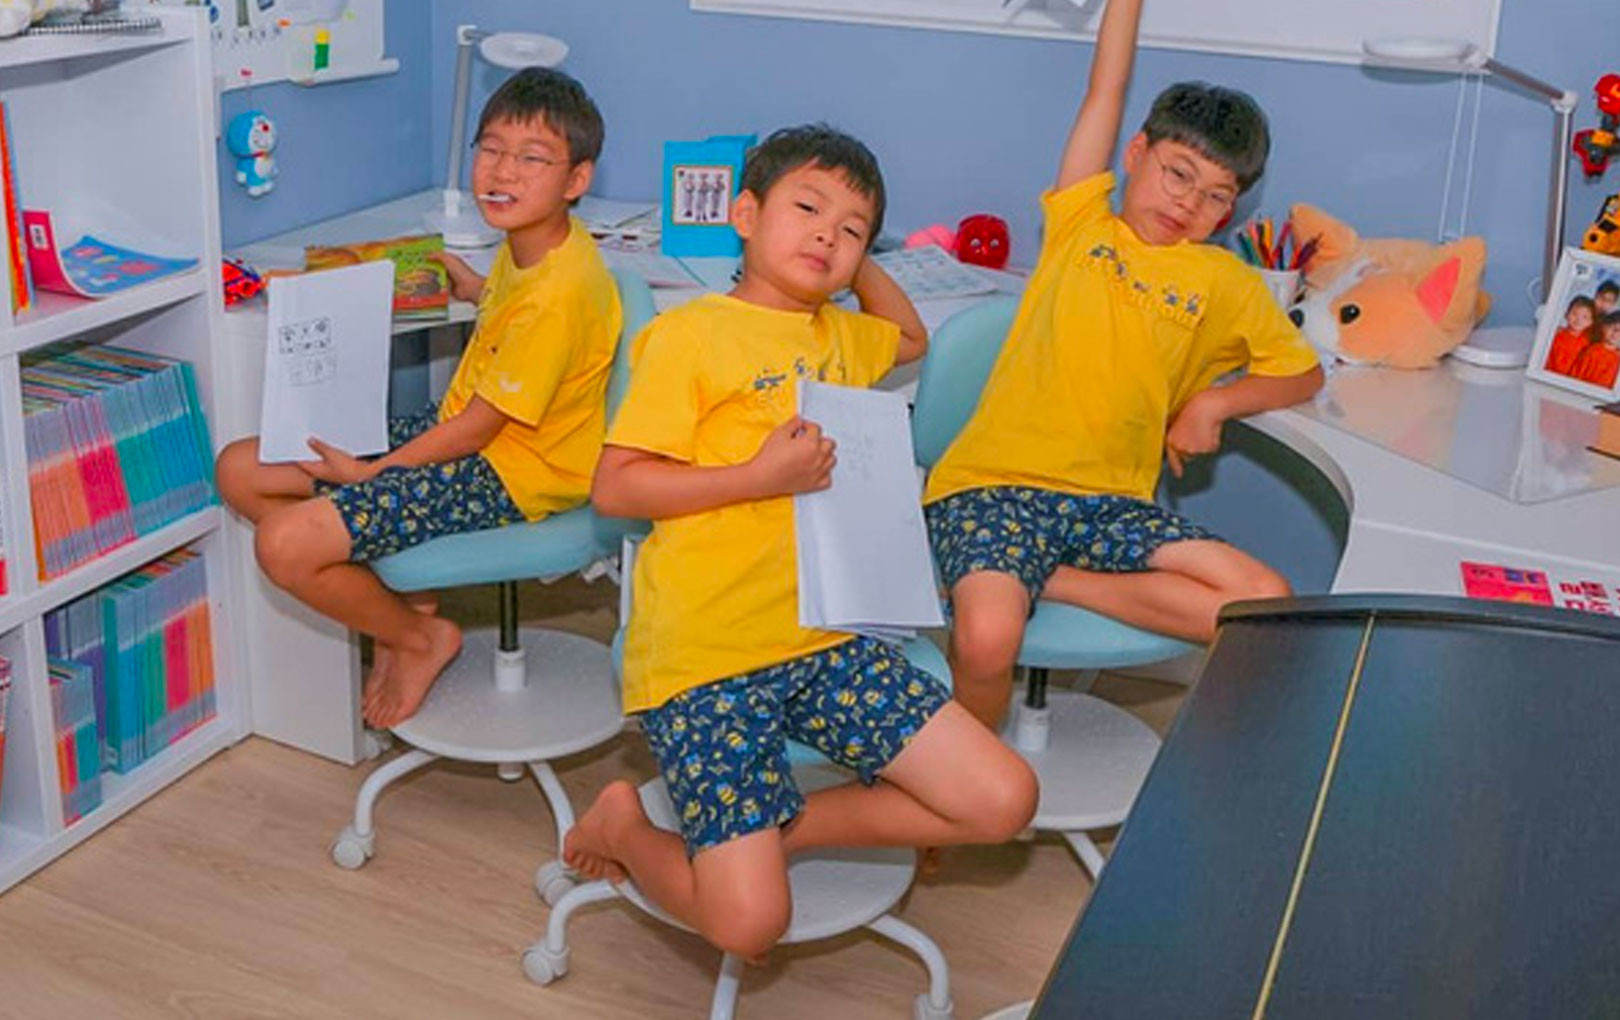 Bộ 3 thiên thần nhí Daehan, Minguk, Manse tăng cân bất ngờ sau 3 tháng vắng bóng